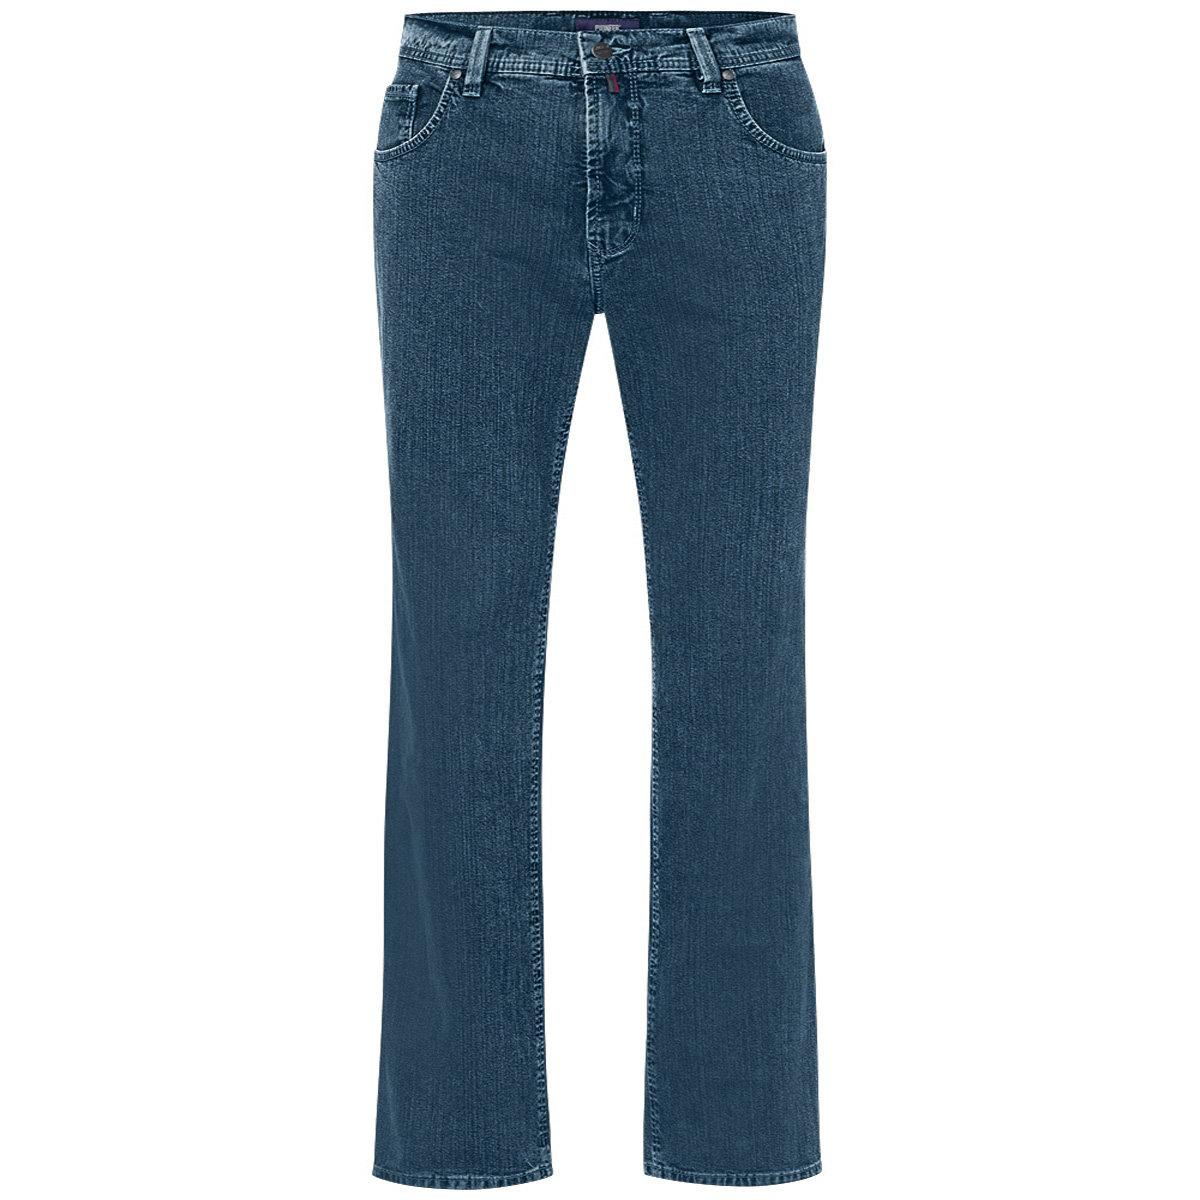 Sonderteil am besten verkaufen super günstig im vergleich zu Pionier Stretch Jeans Peter in Übergröße bis Bauchgröße 85